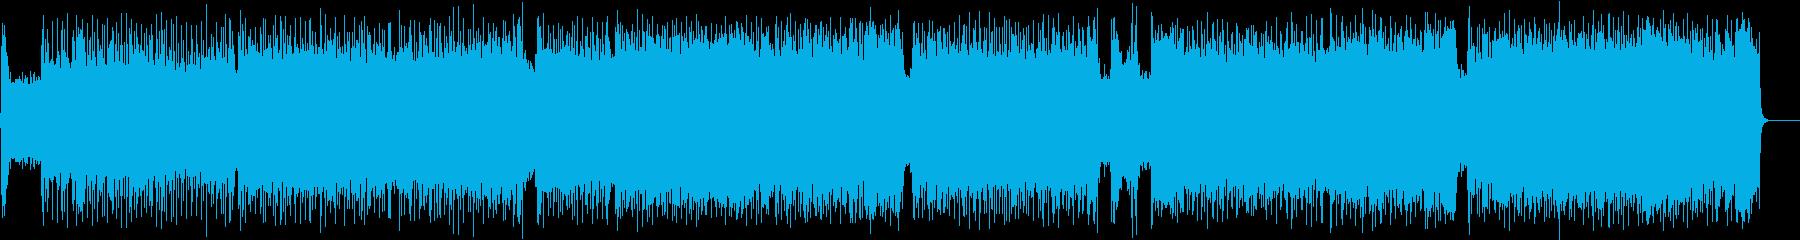 8ビートにワウギターが炸裂するロックの再生済みの波形